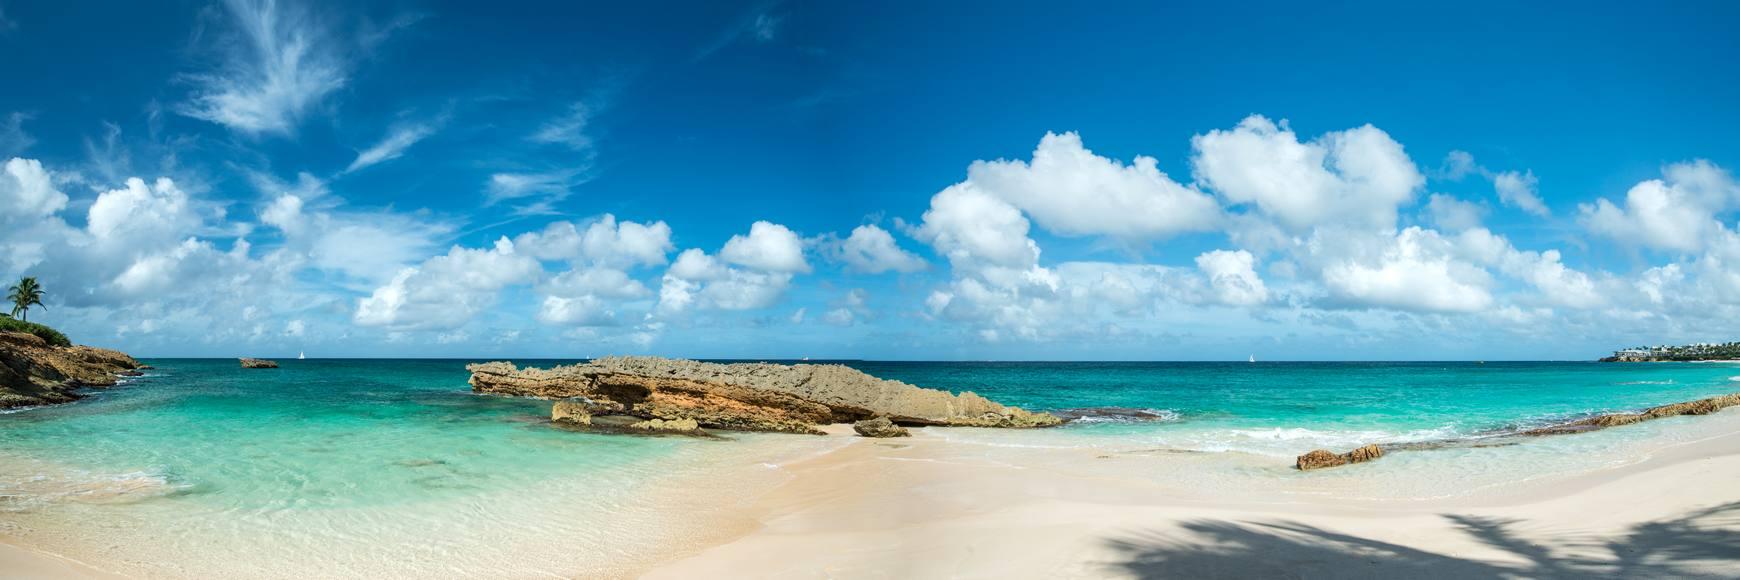 Location catamaran Anguilla